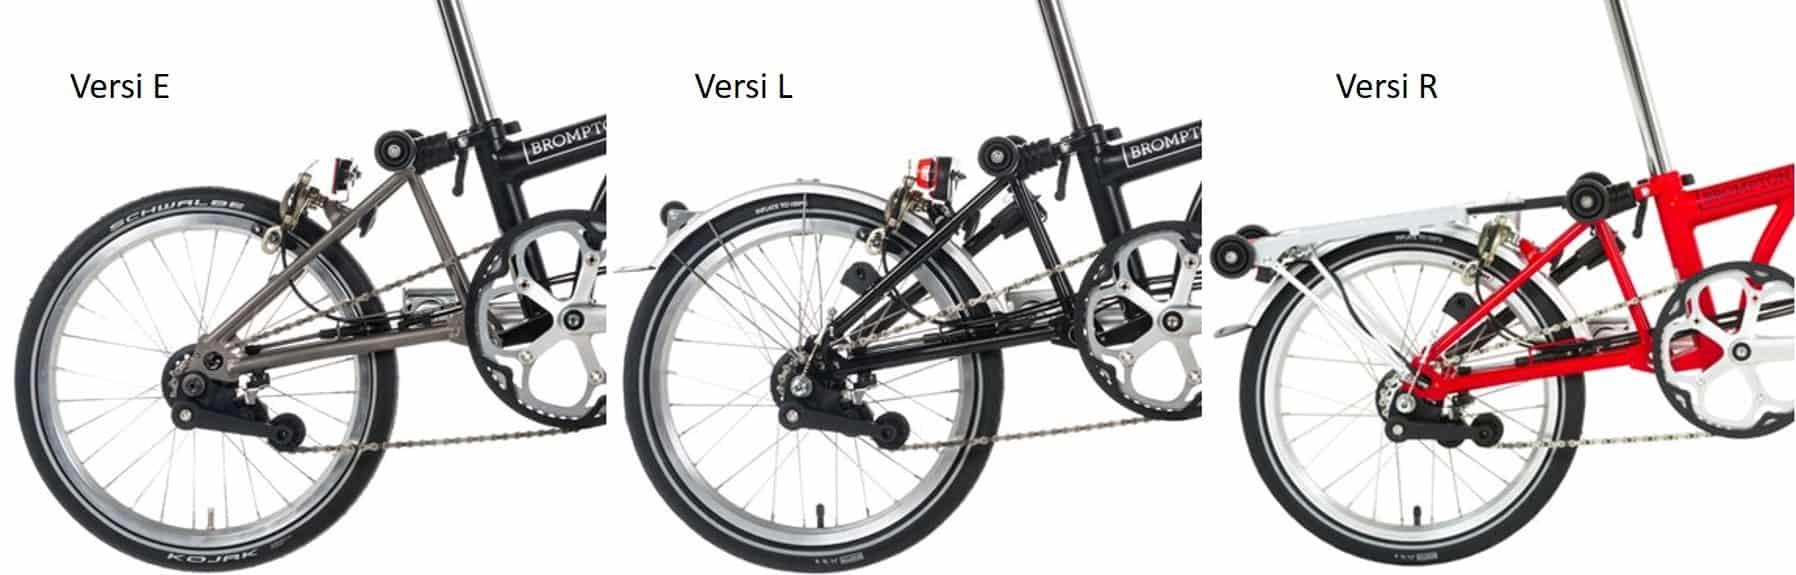 Jangan salah memilih sepeda lipat Brompton - Sepeda.Me